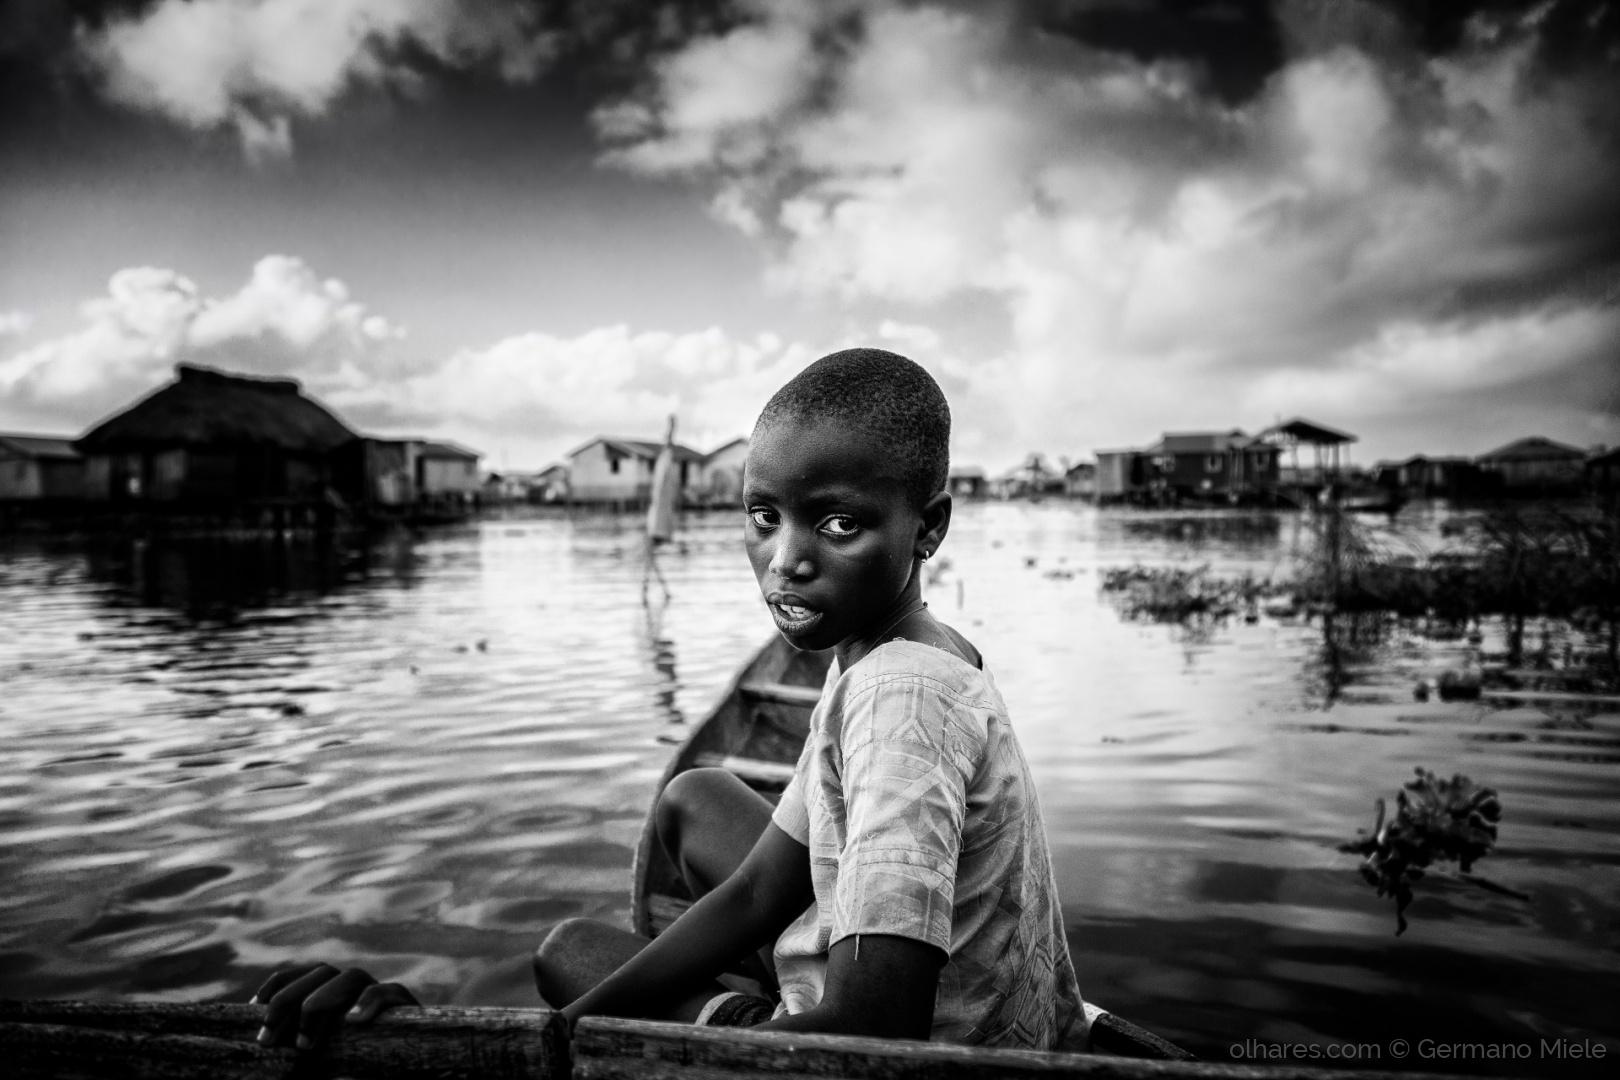 © Germano Miele - Olhar na lagoa